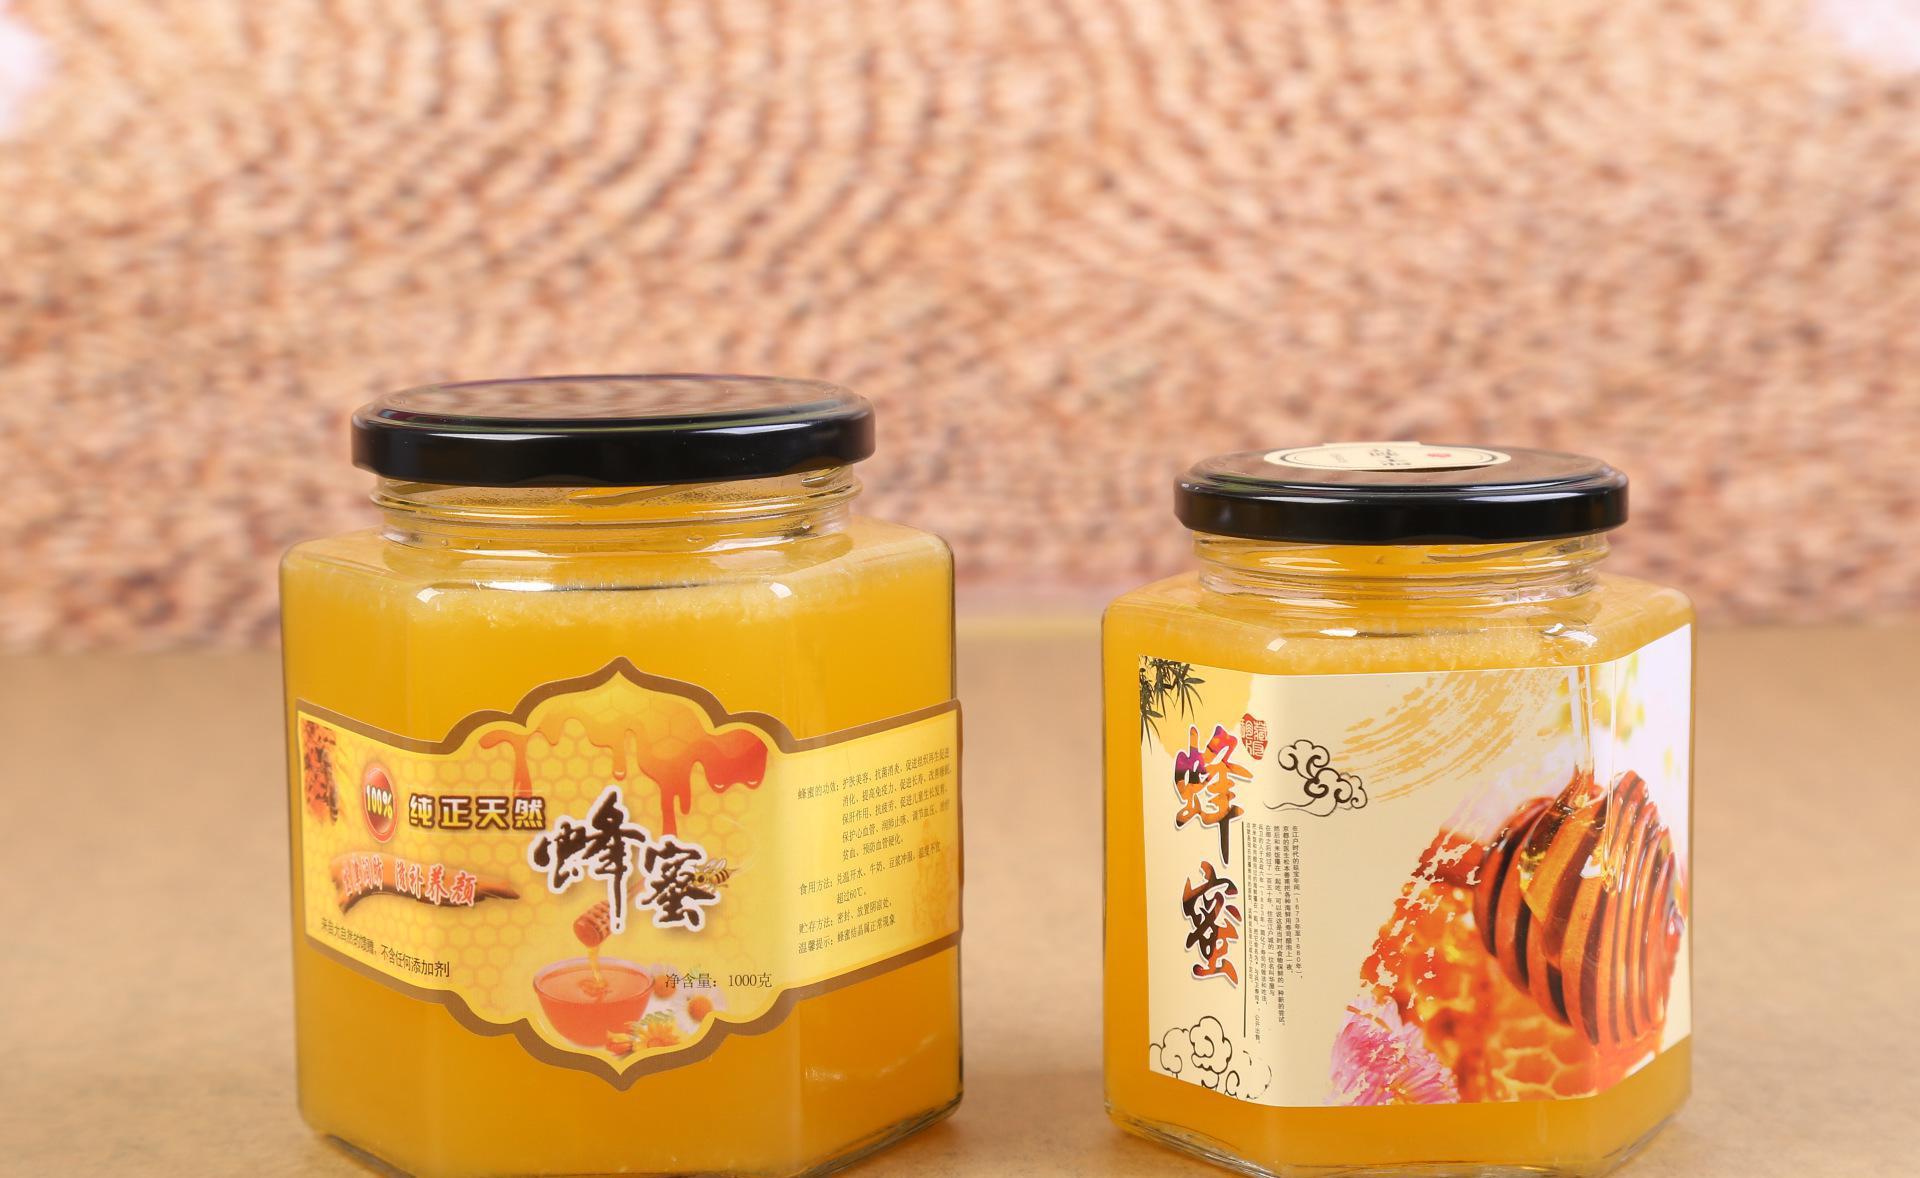 徐州蜂蜜瓶_蜂蜜瓶批发厂家_徐州专业定制蜂蜜瓶价格 徐州蜂蜜瓶280 380